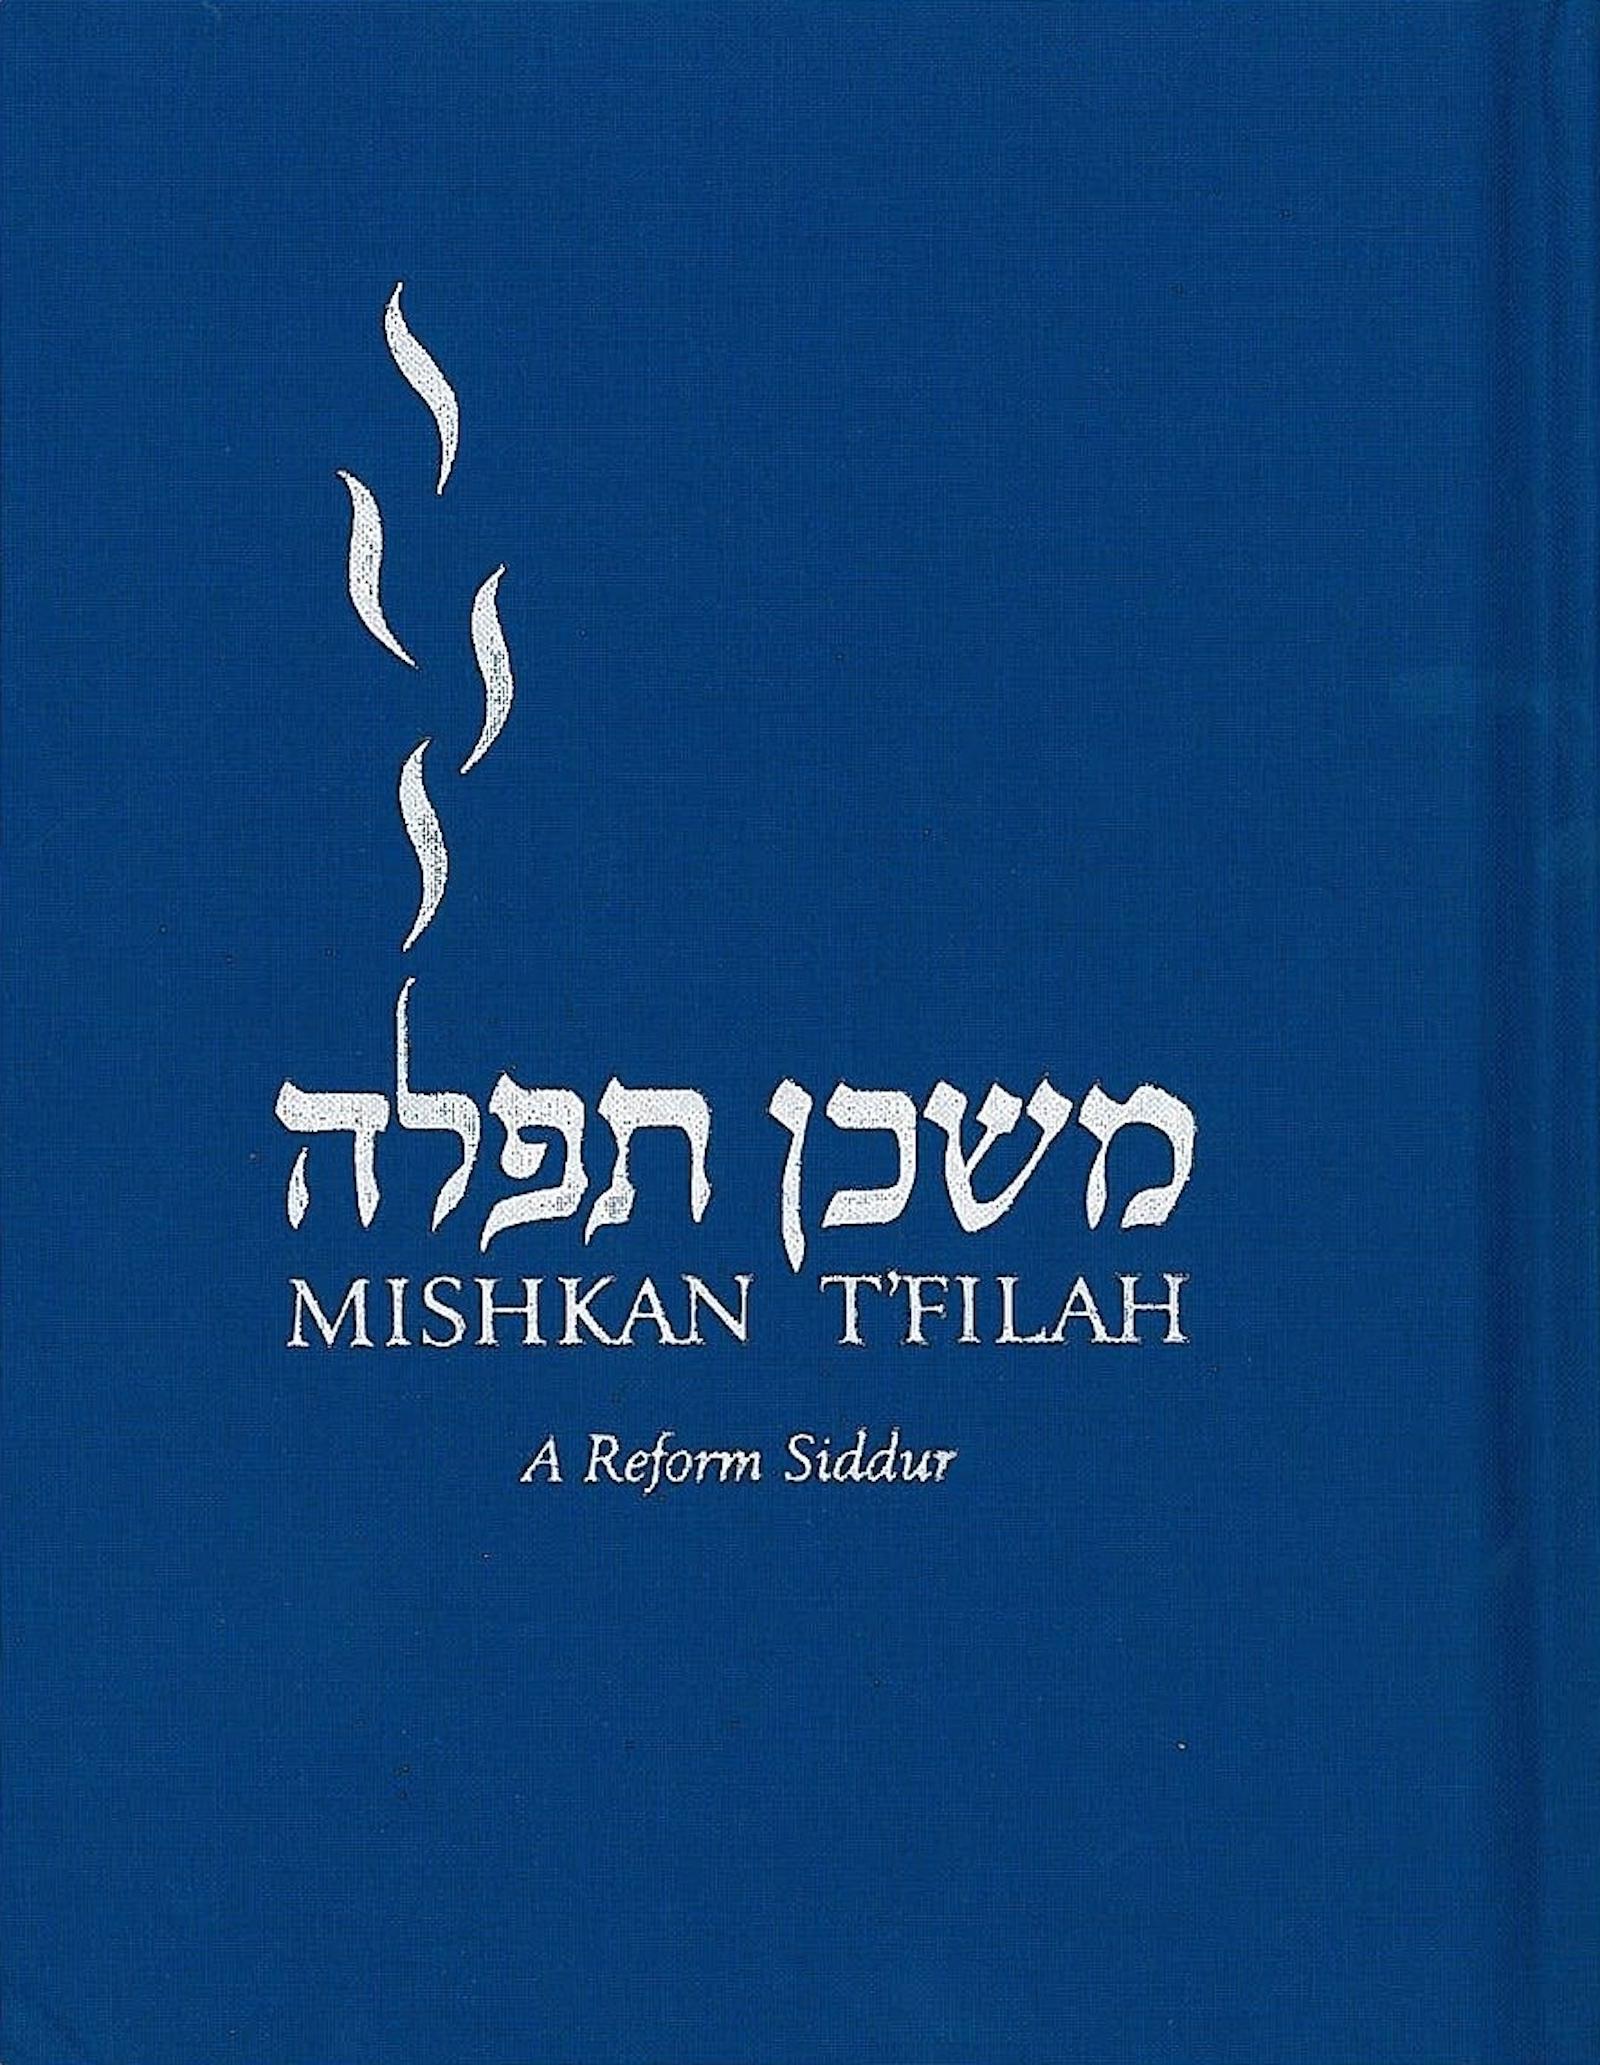 Mishkan T'filah: A Reform Siddur, non-transliterated (Shabbat,